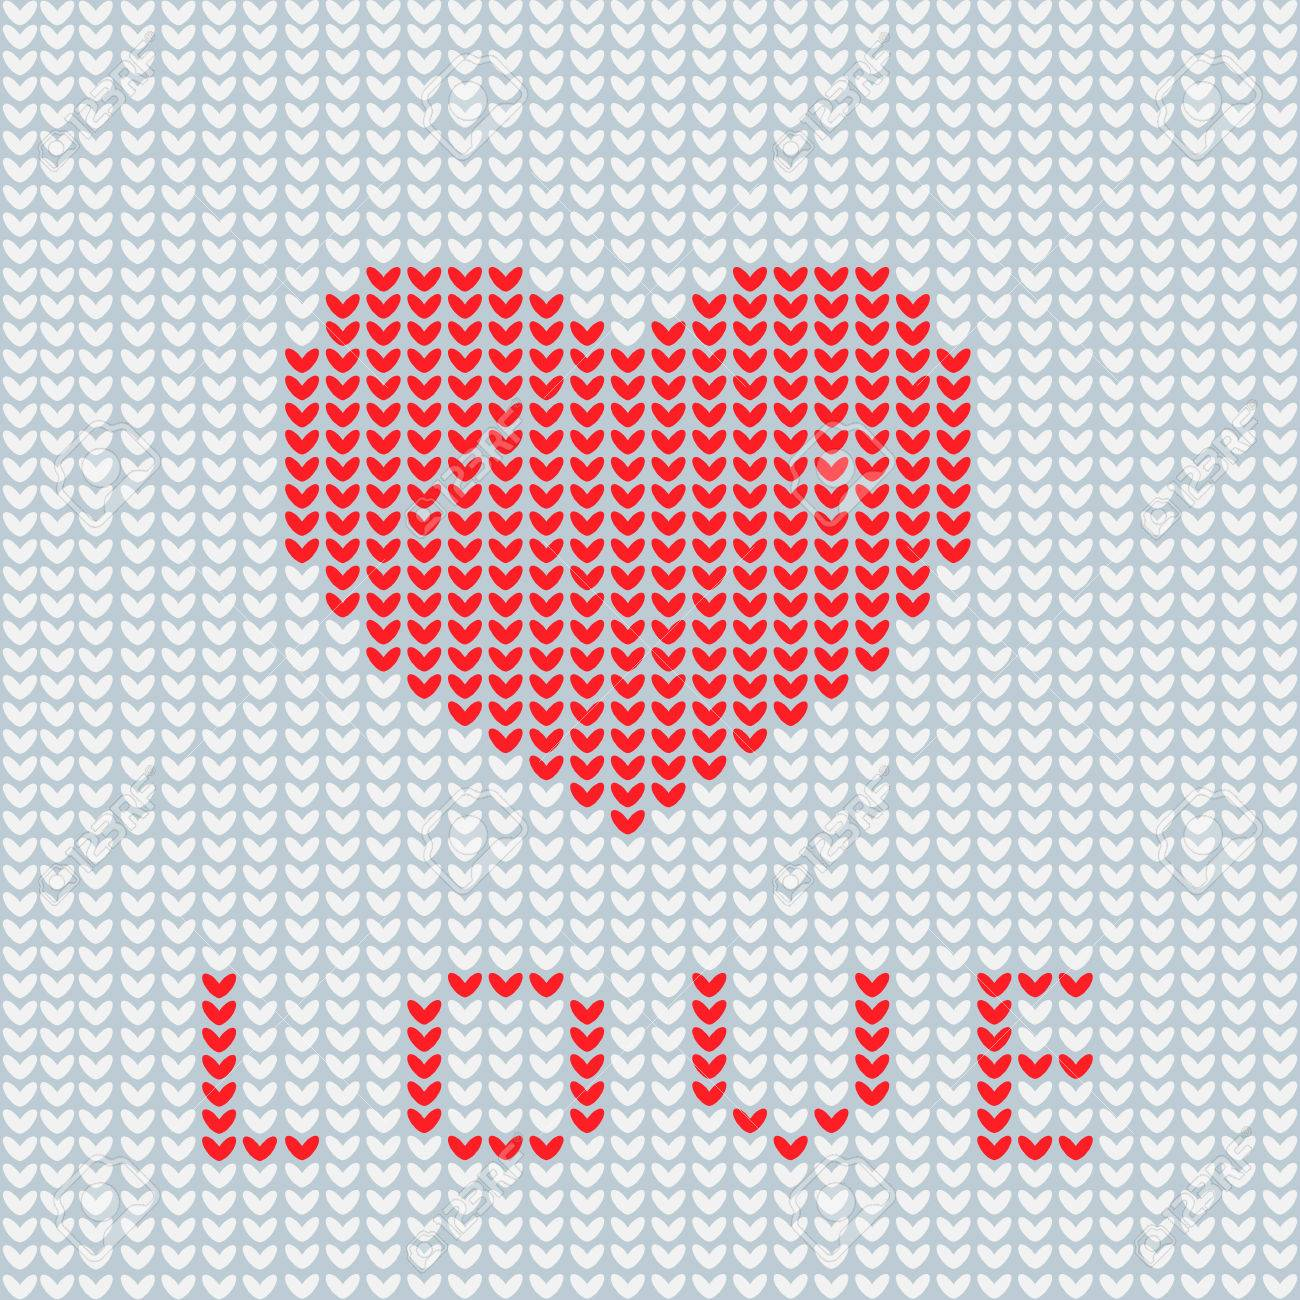 Stricken Ist Liebe. Strick-Herz-Symbol. Modernes Strickmuster. Flach ...